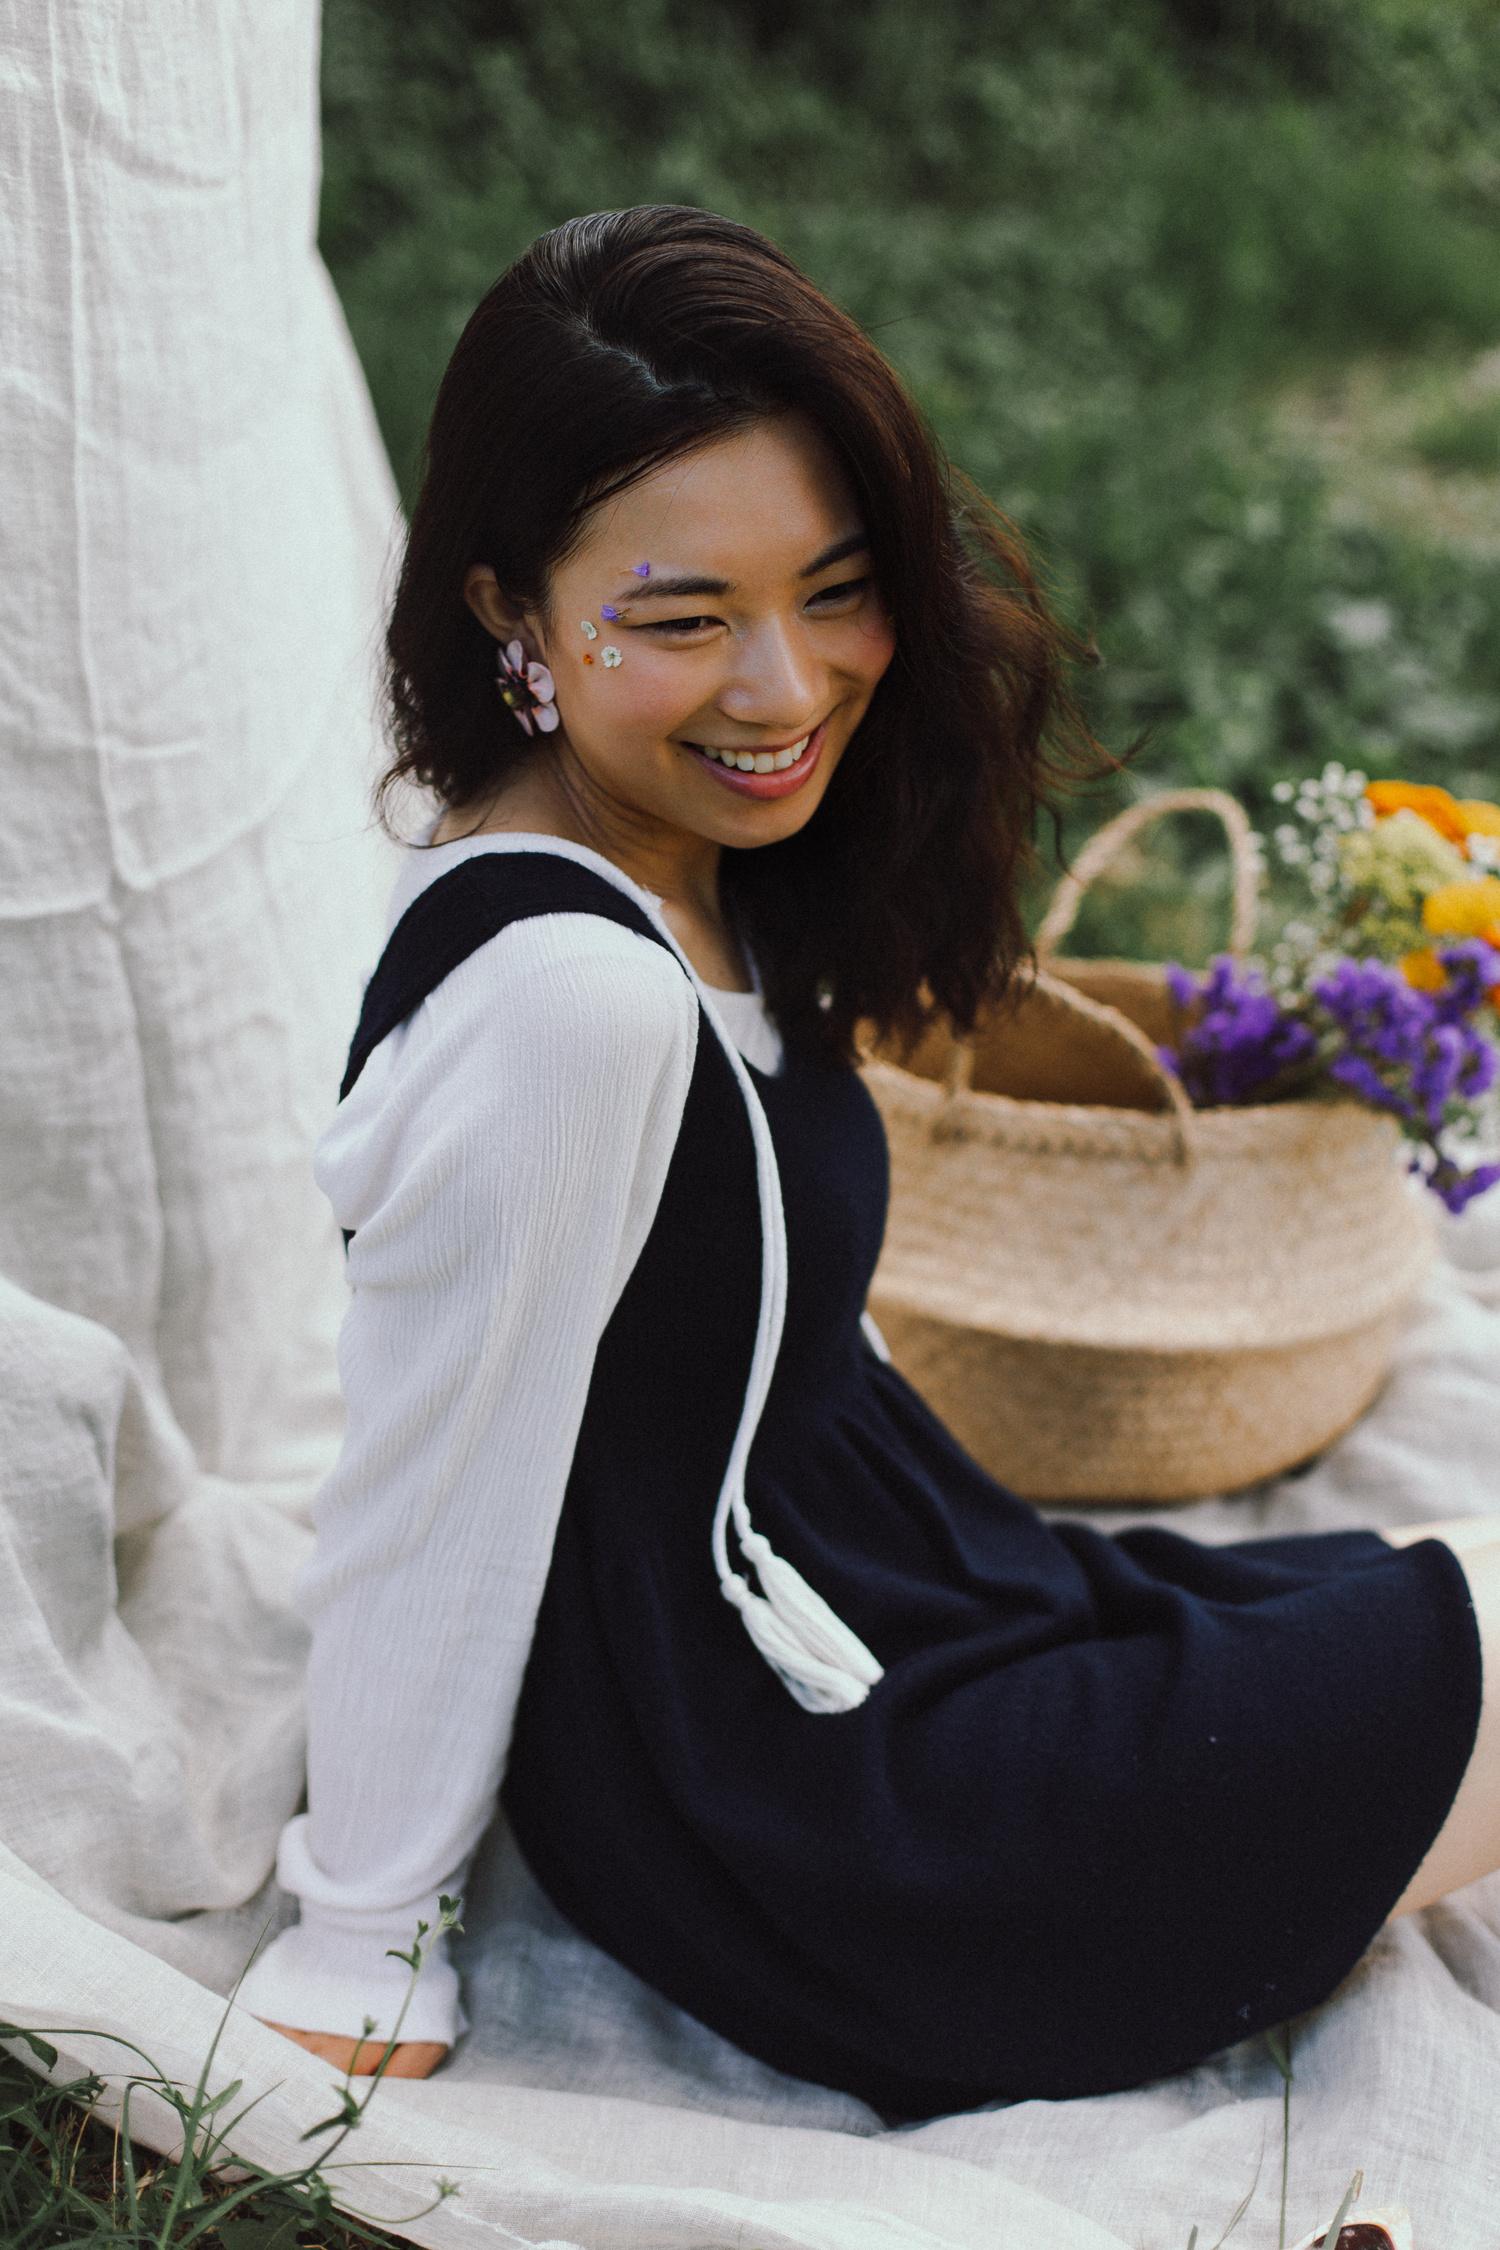 Ritratto di ragazza seduta con vestito, camicia e fiori, anni '60